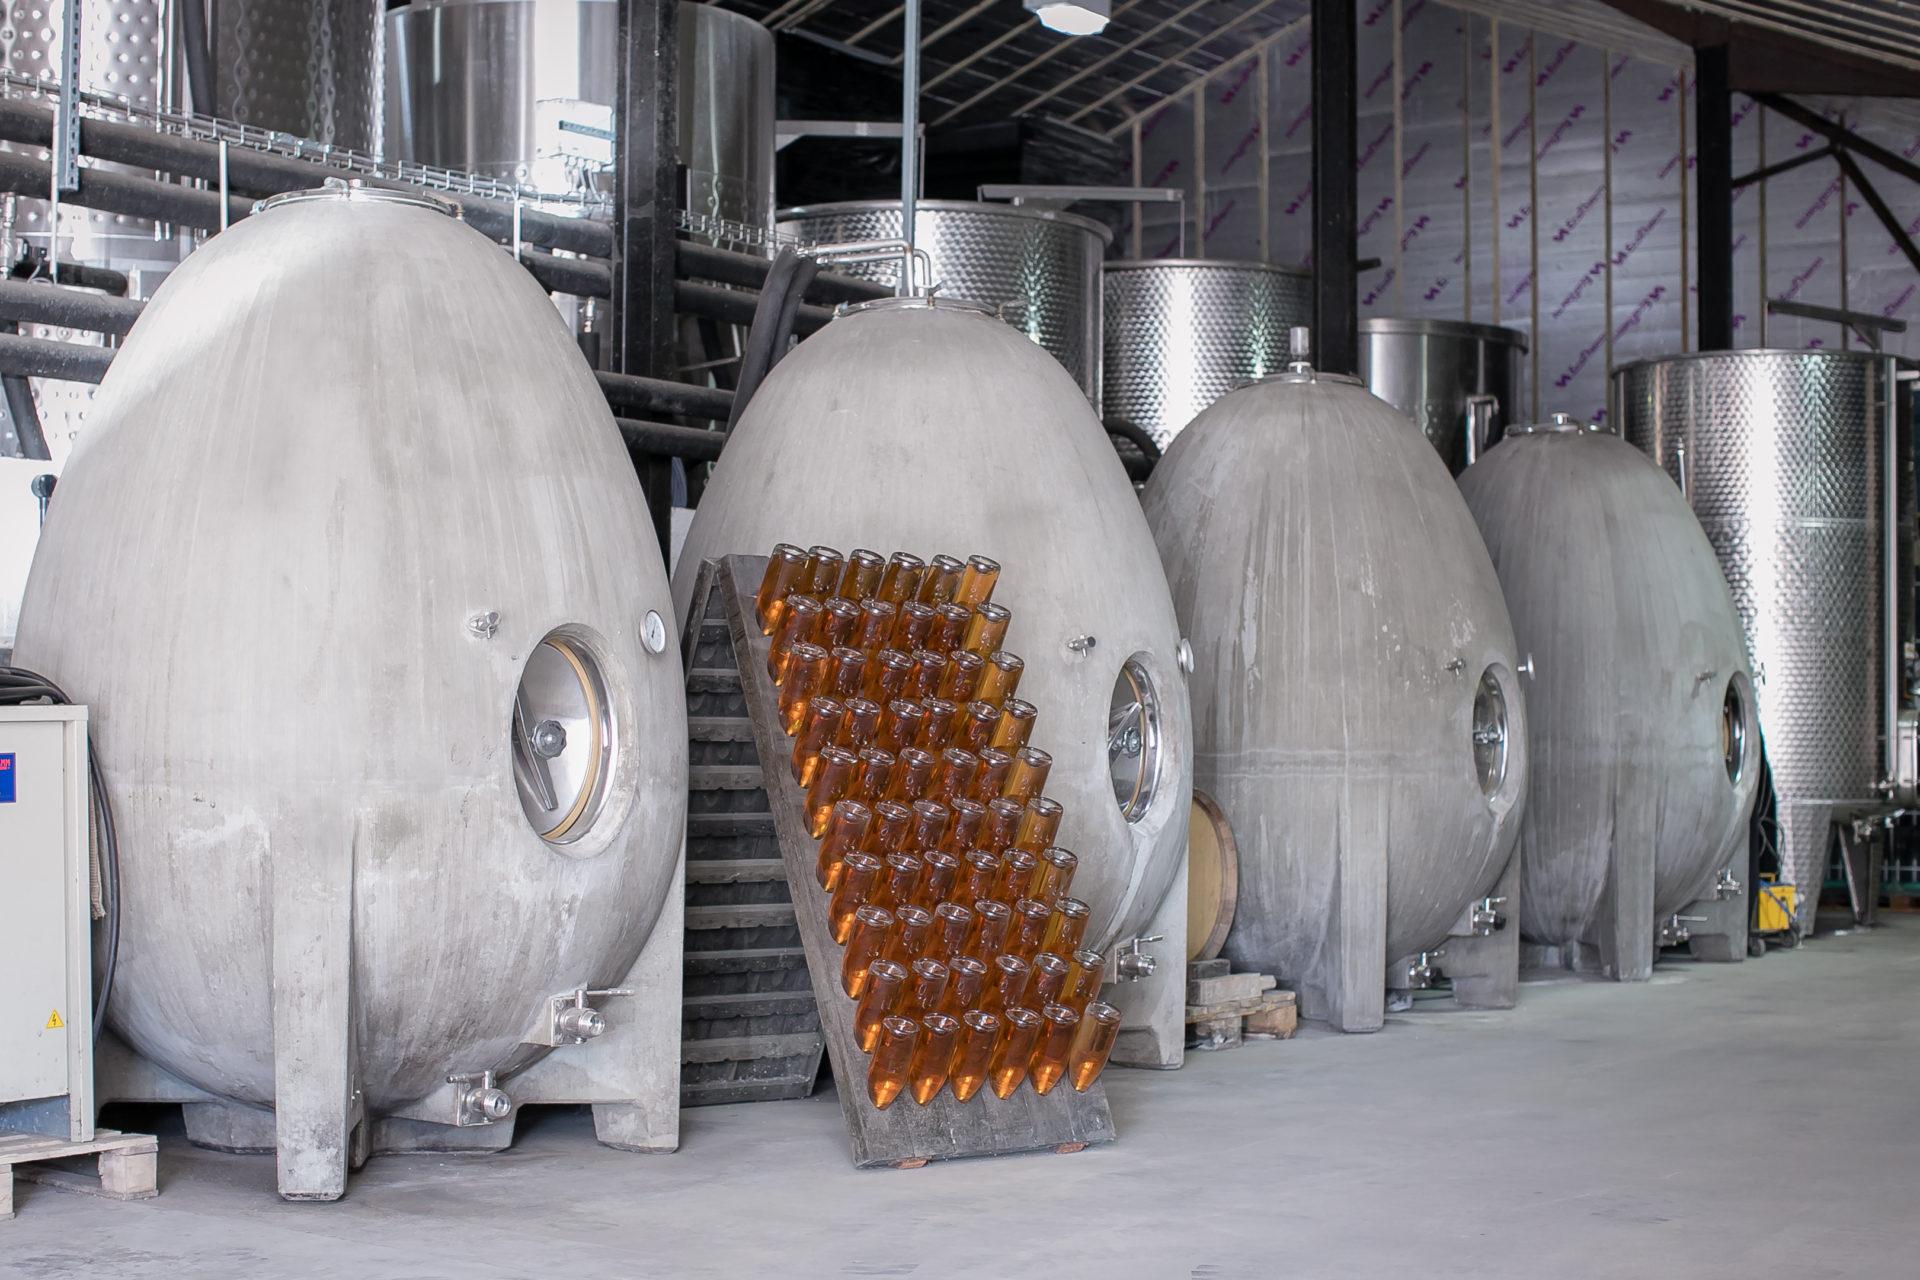 Concrete Fermentation Eggs